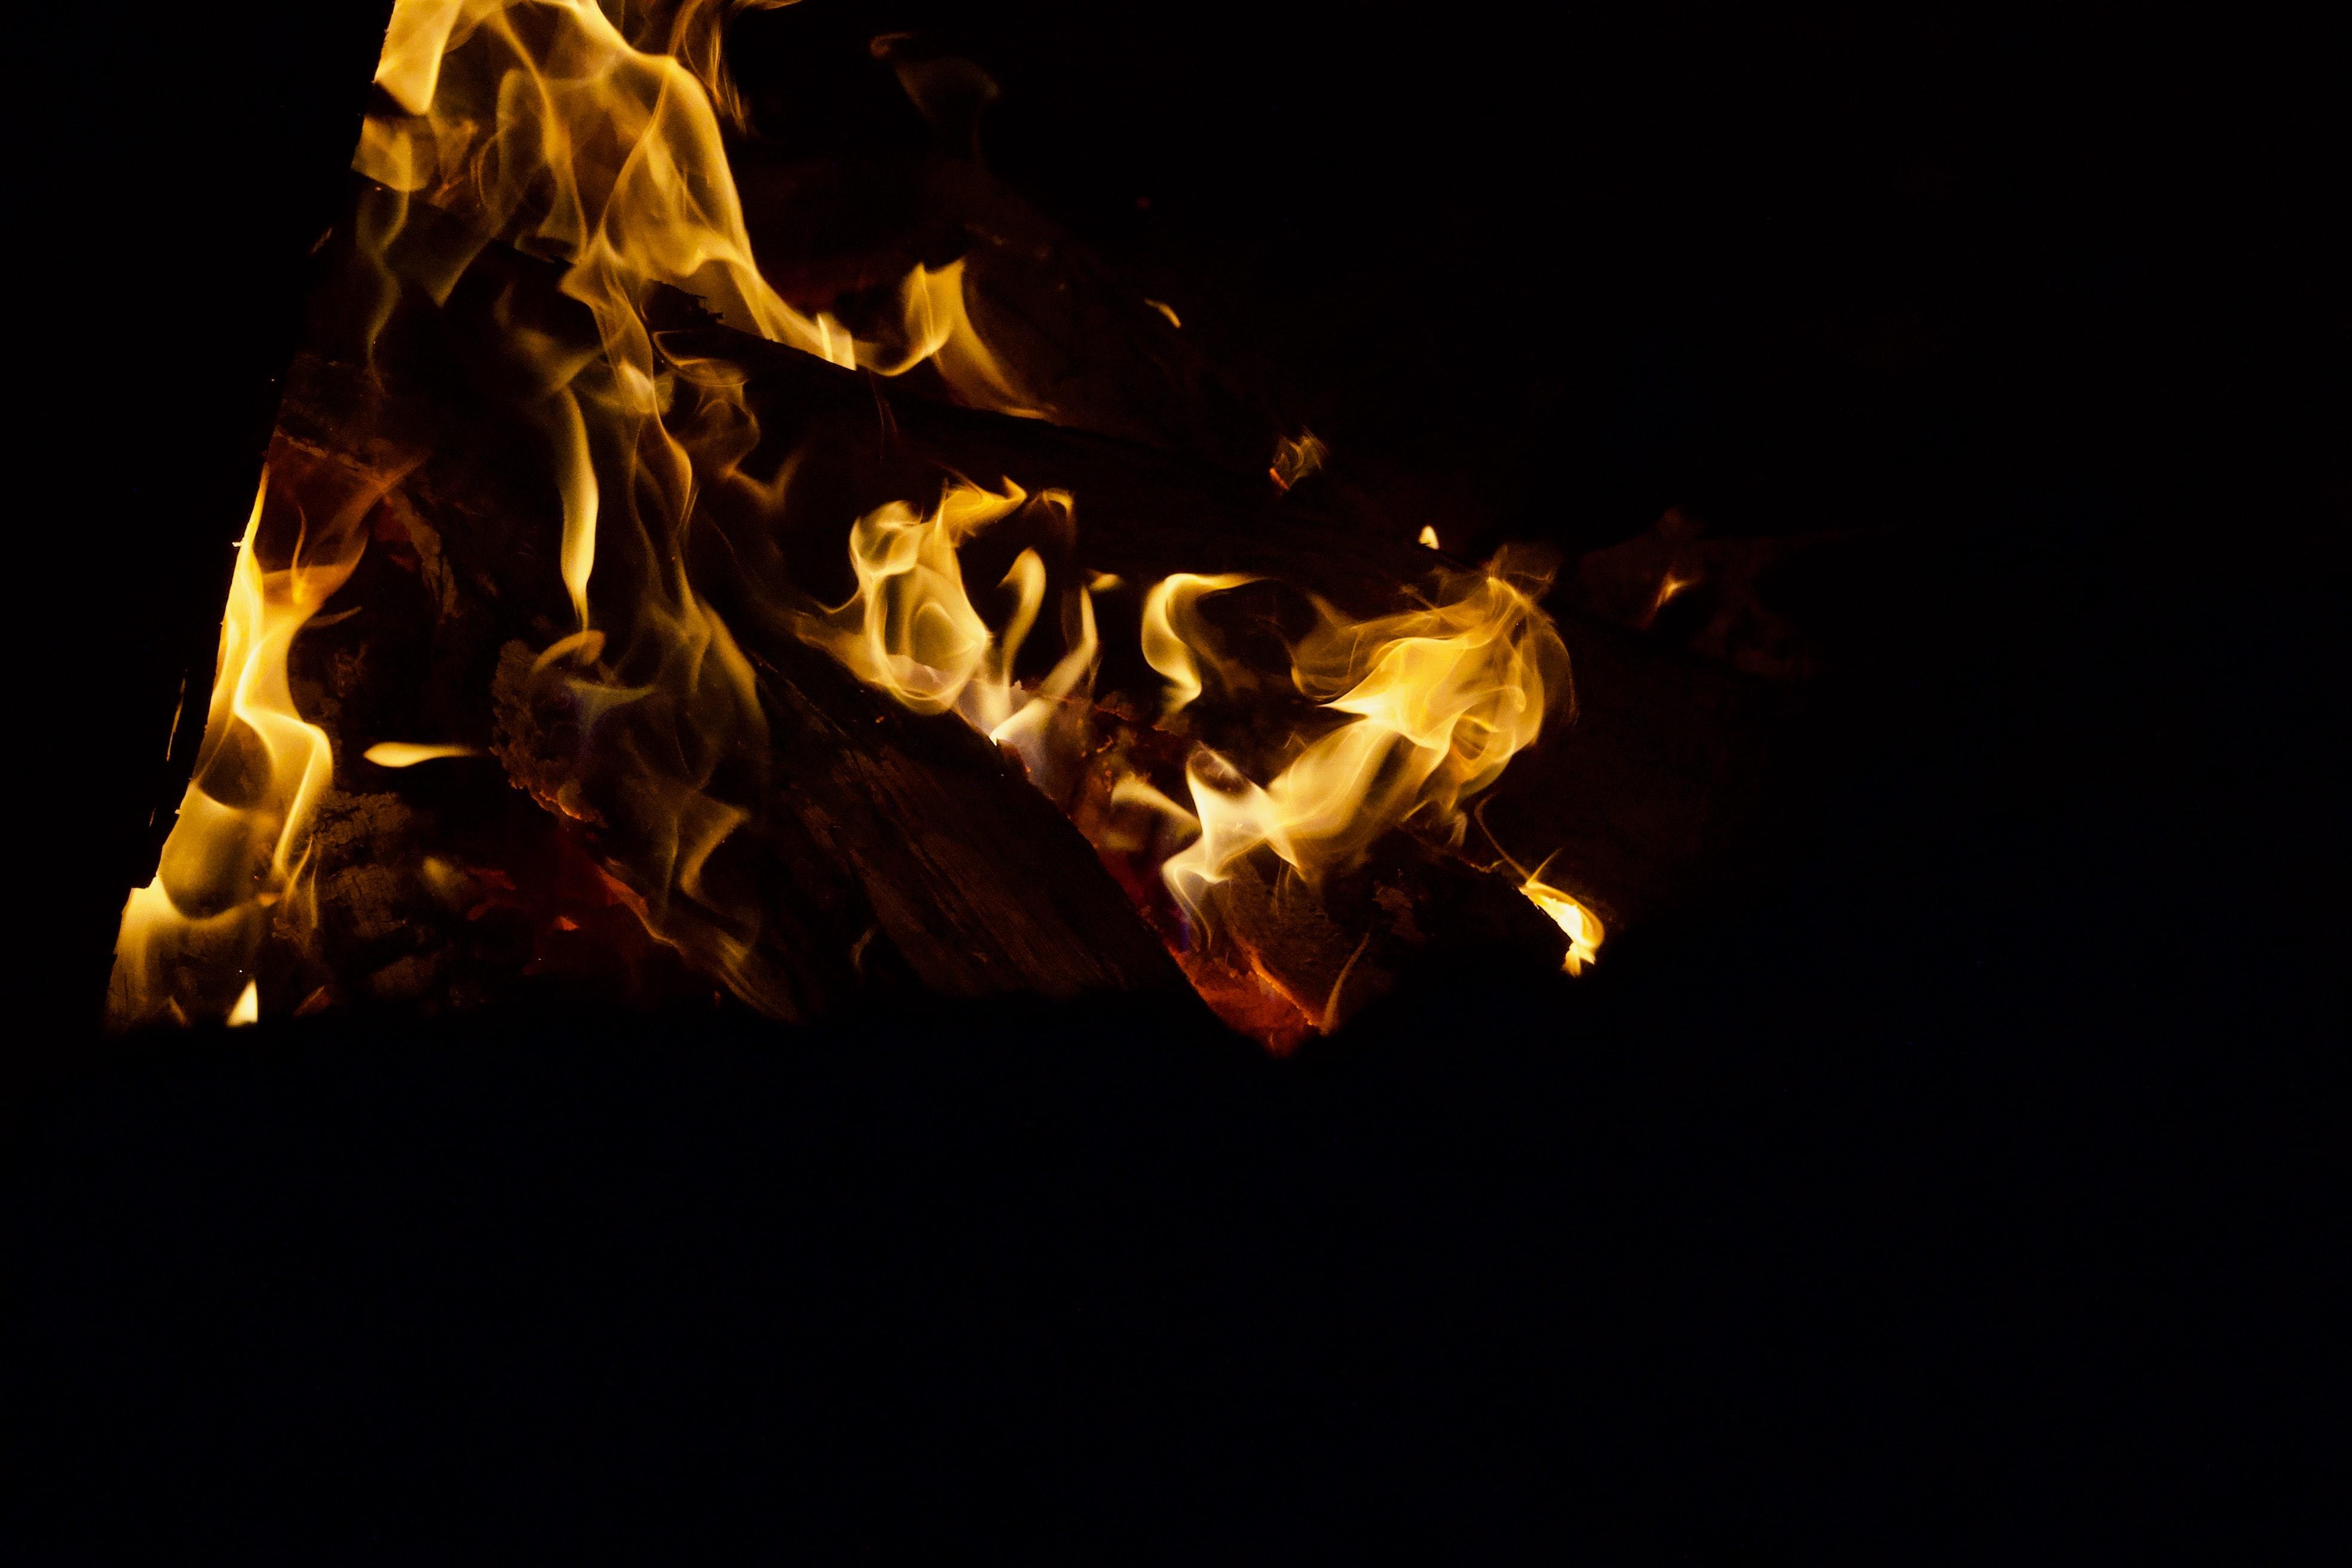 99898 免費下載壁紙 黑暗的, 黑暗, 篝火, 火焰, 火, 黑色的, 夜 屏保和圖片